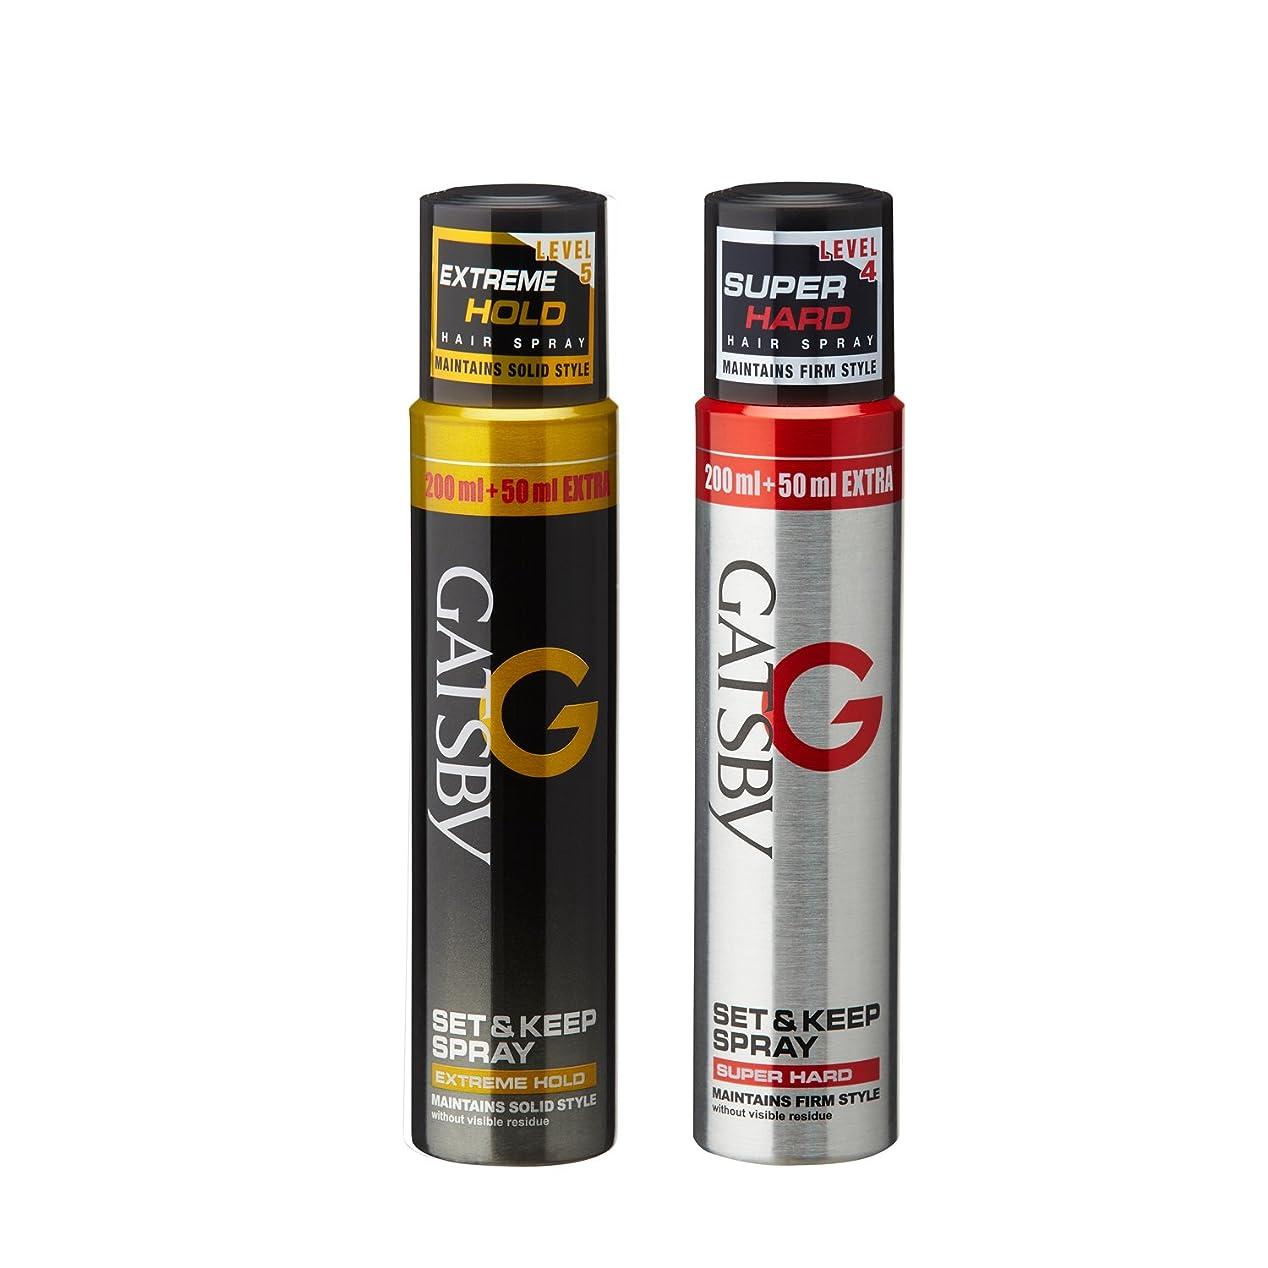 支払うチューブ耐久Gatsby Set and Keep Extreme Hold Hair Spray, 250ml with Super Hard Hair Spray, 250ml